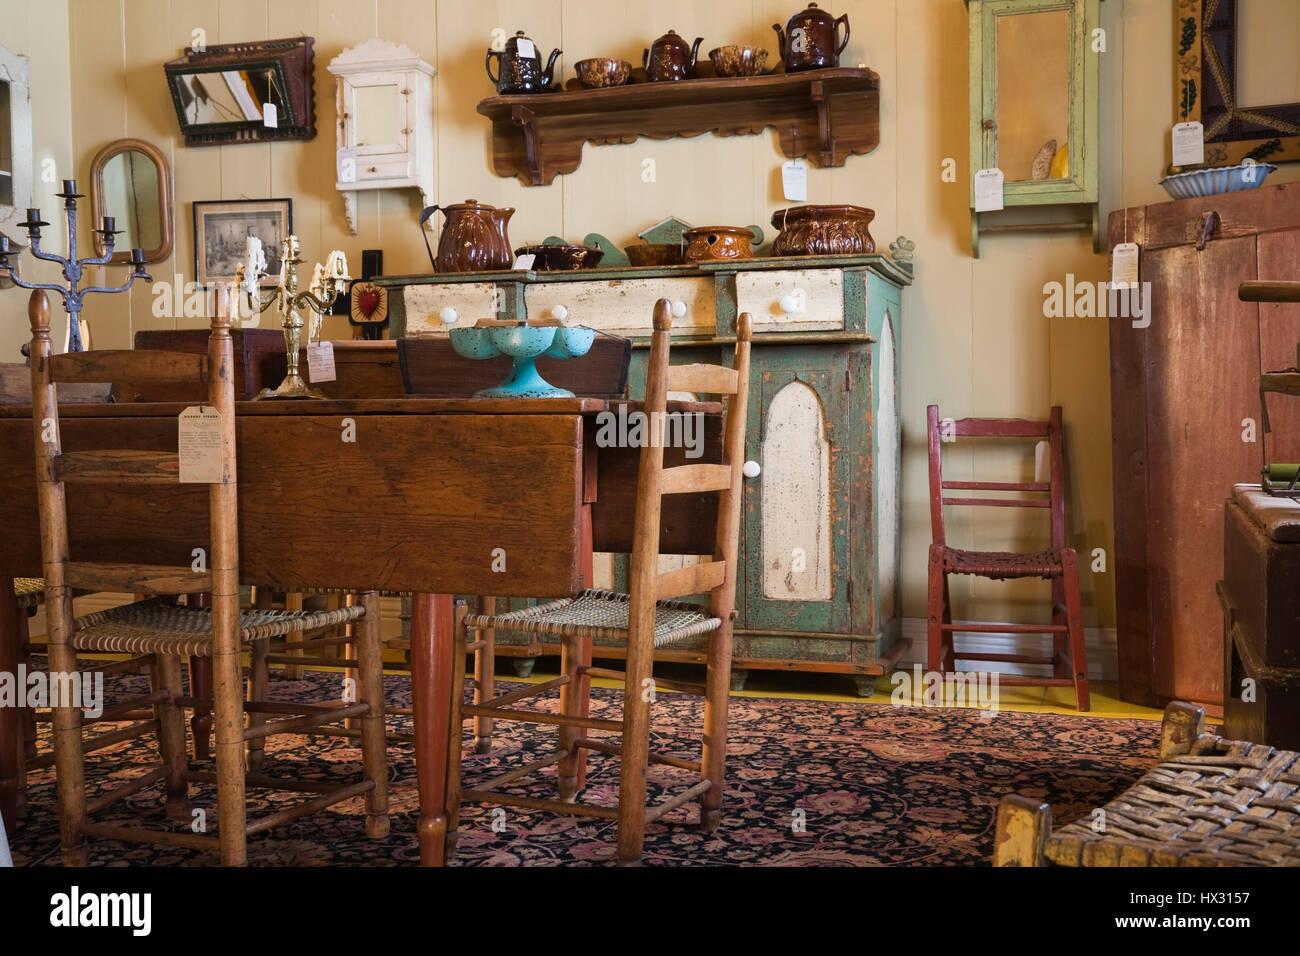 Schon Antiken Aus Holz Braun Esszimmer Tisch Und Grün Und Weiß Buffet Im  Antiquitätengeschäft In 1810 Alten Haus Innen Gelegen